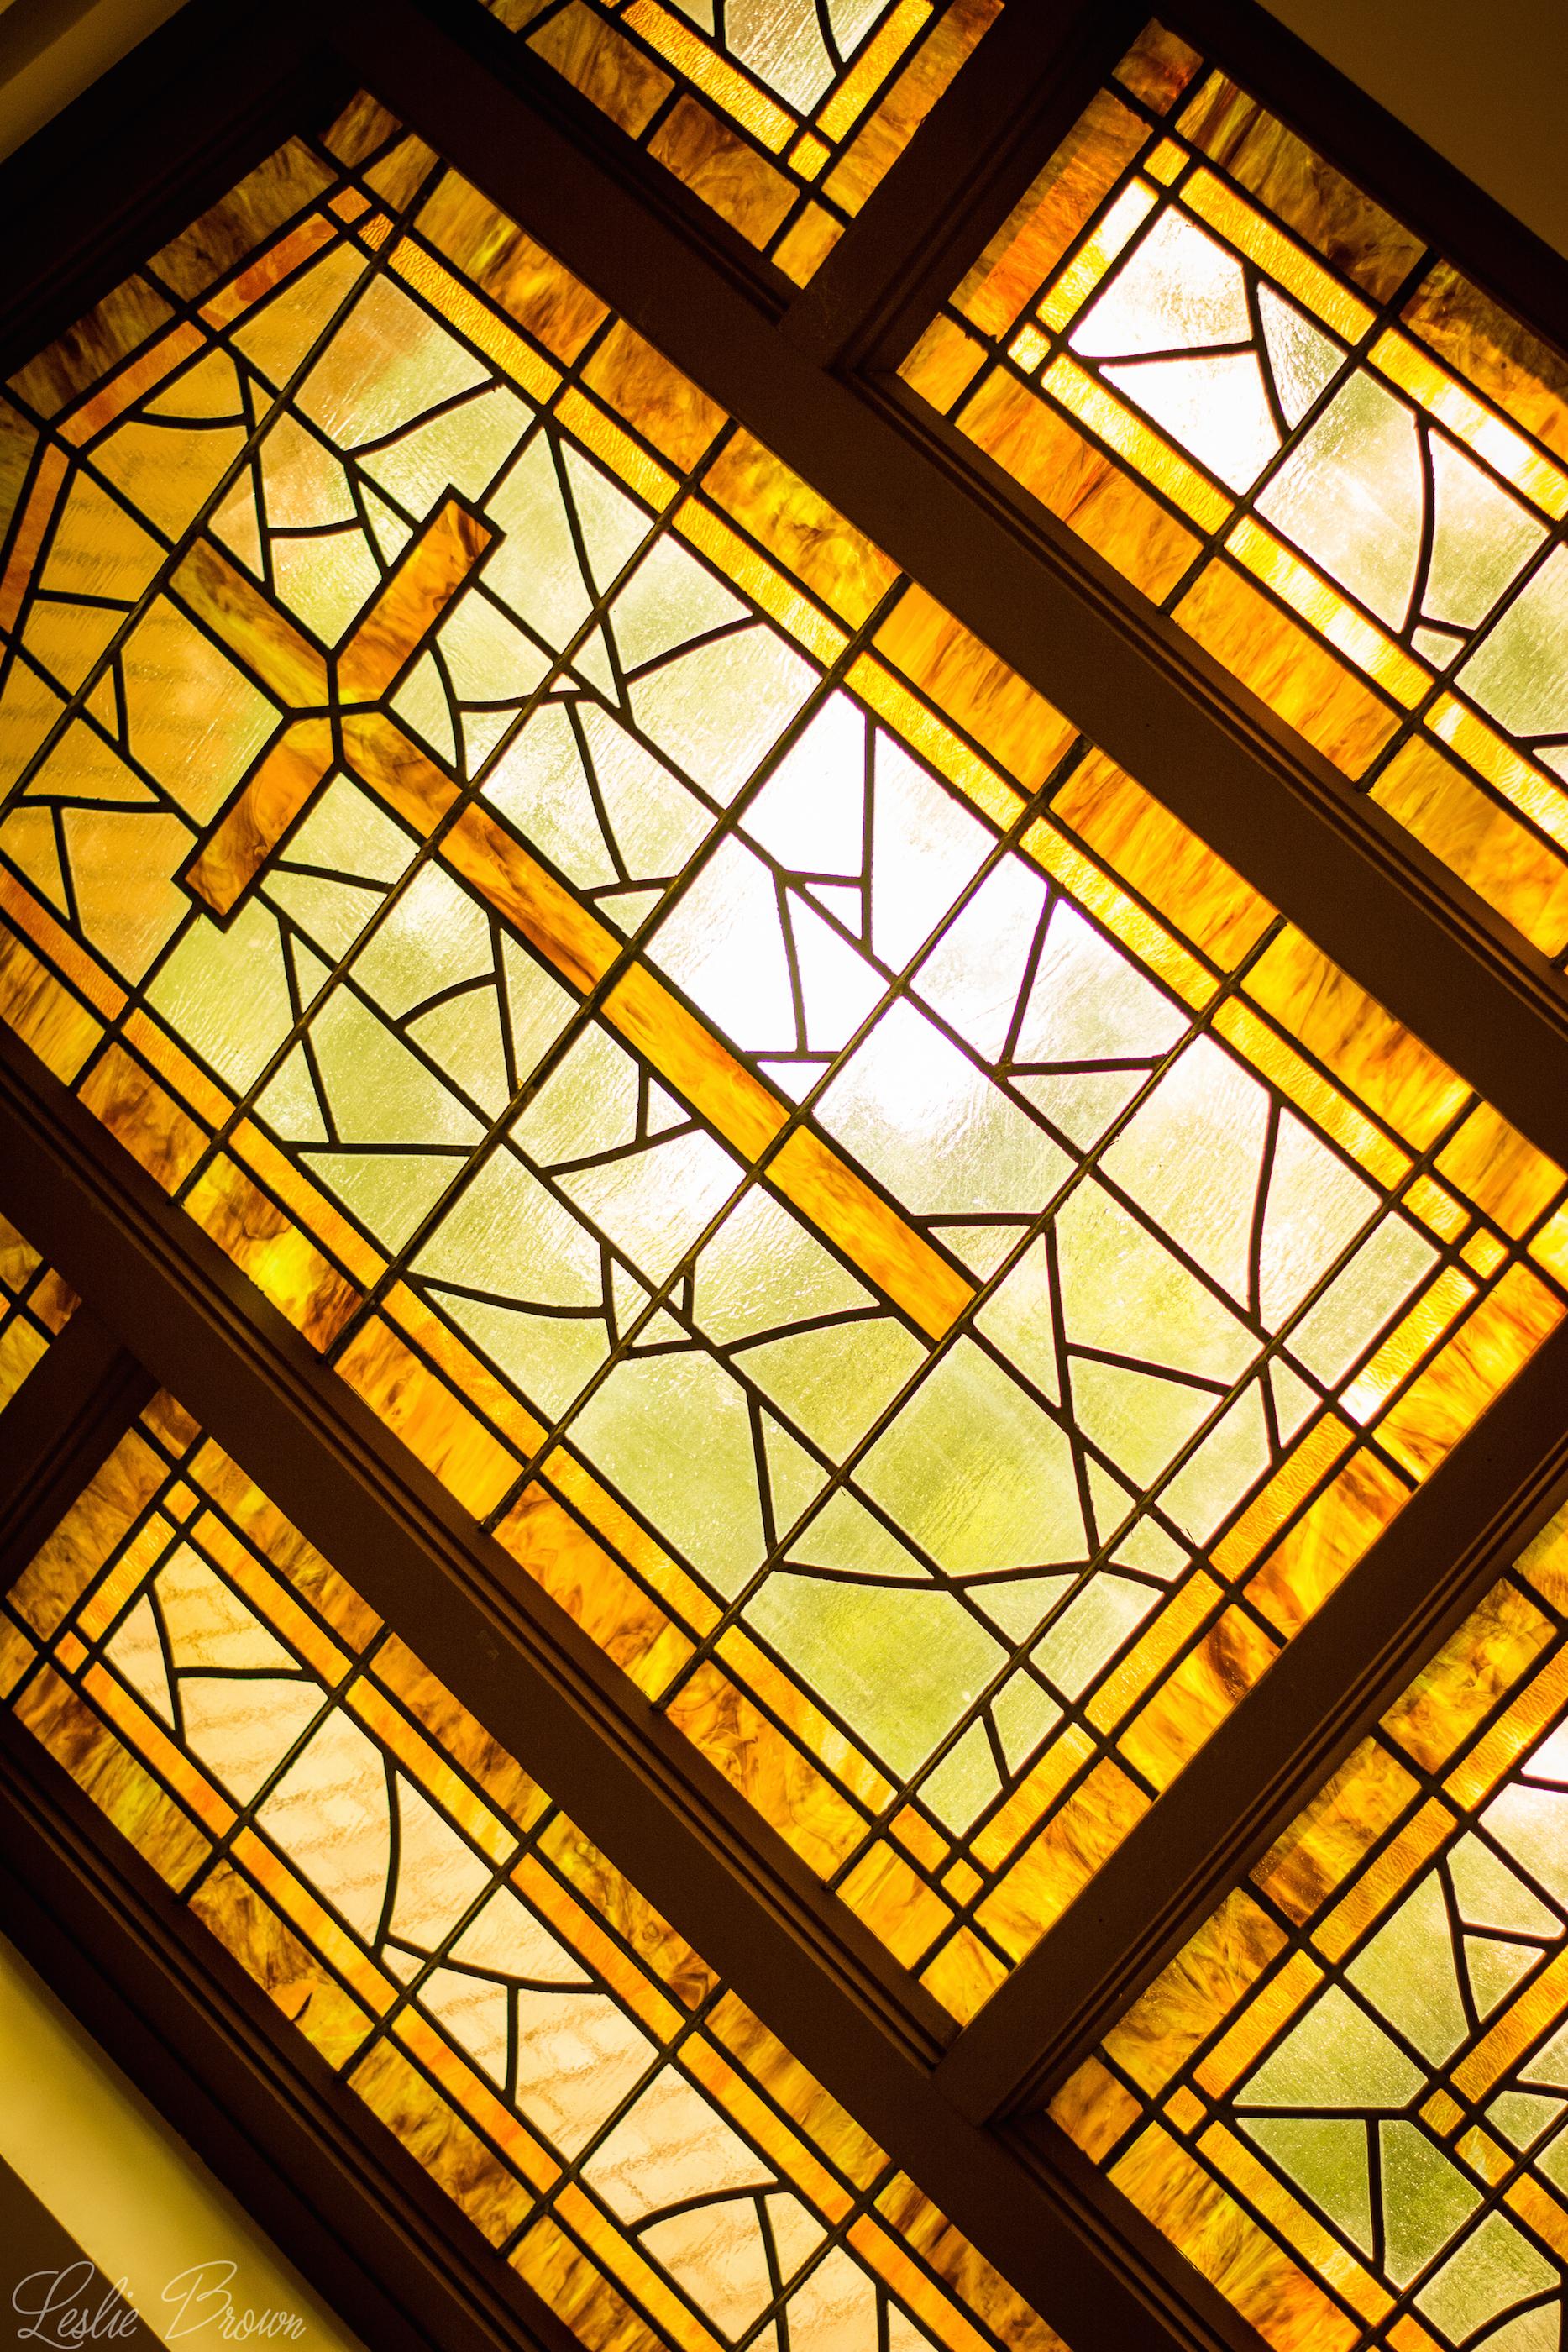 Golden Cross - Leslie Brown